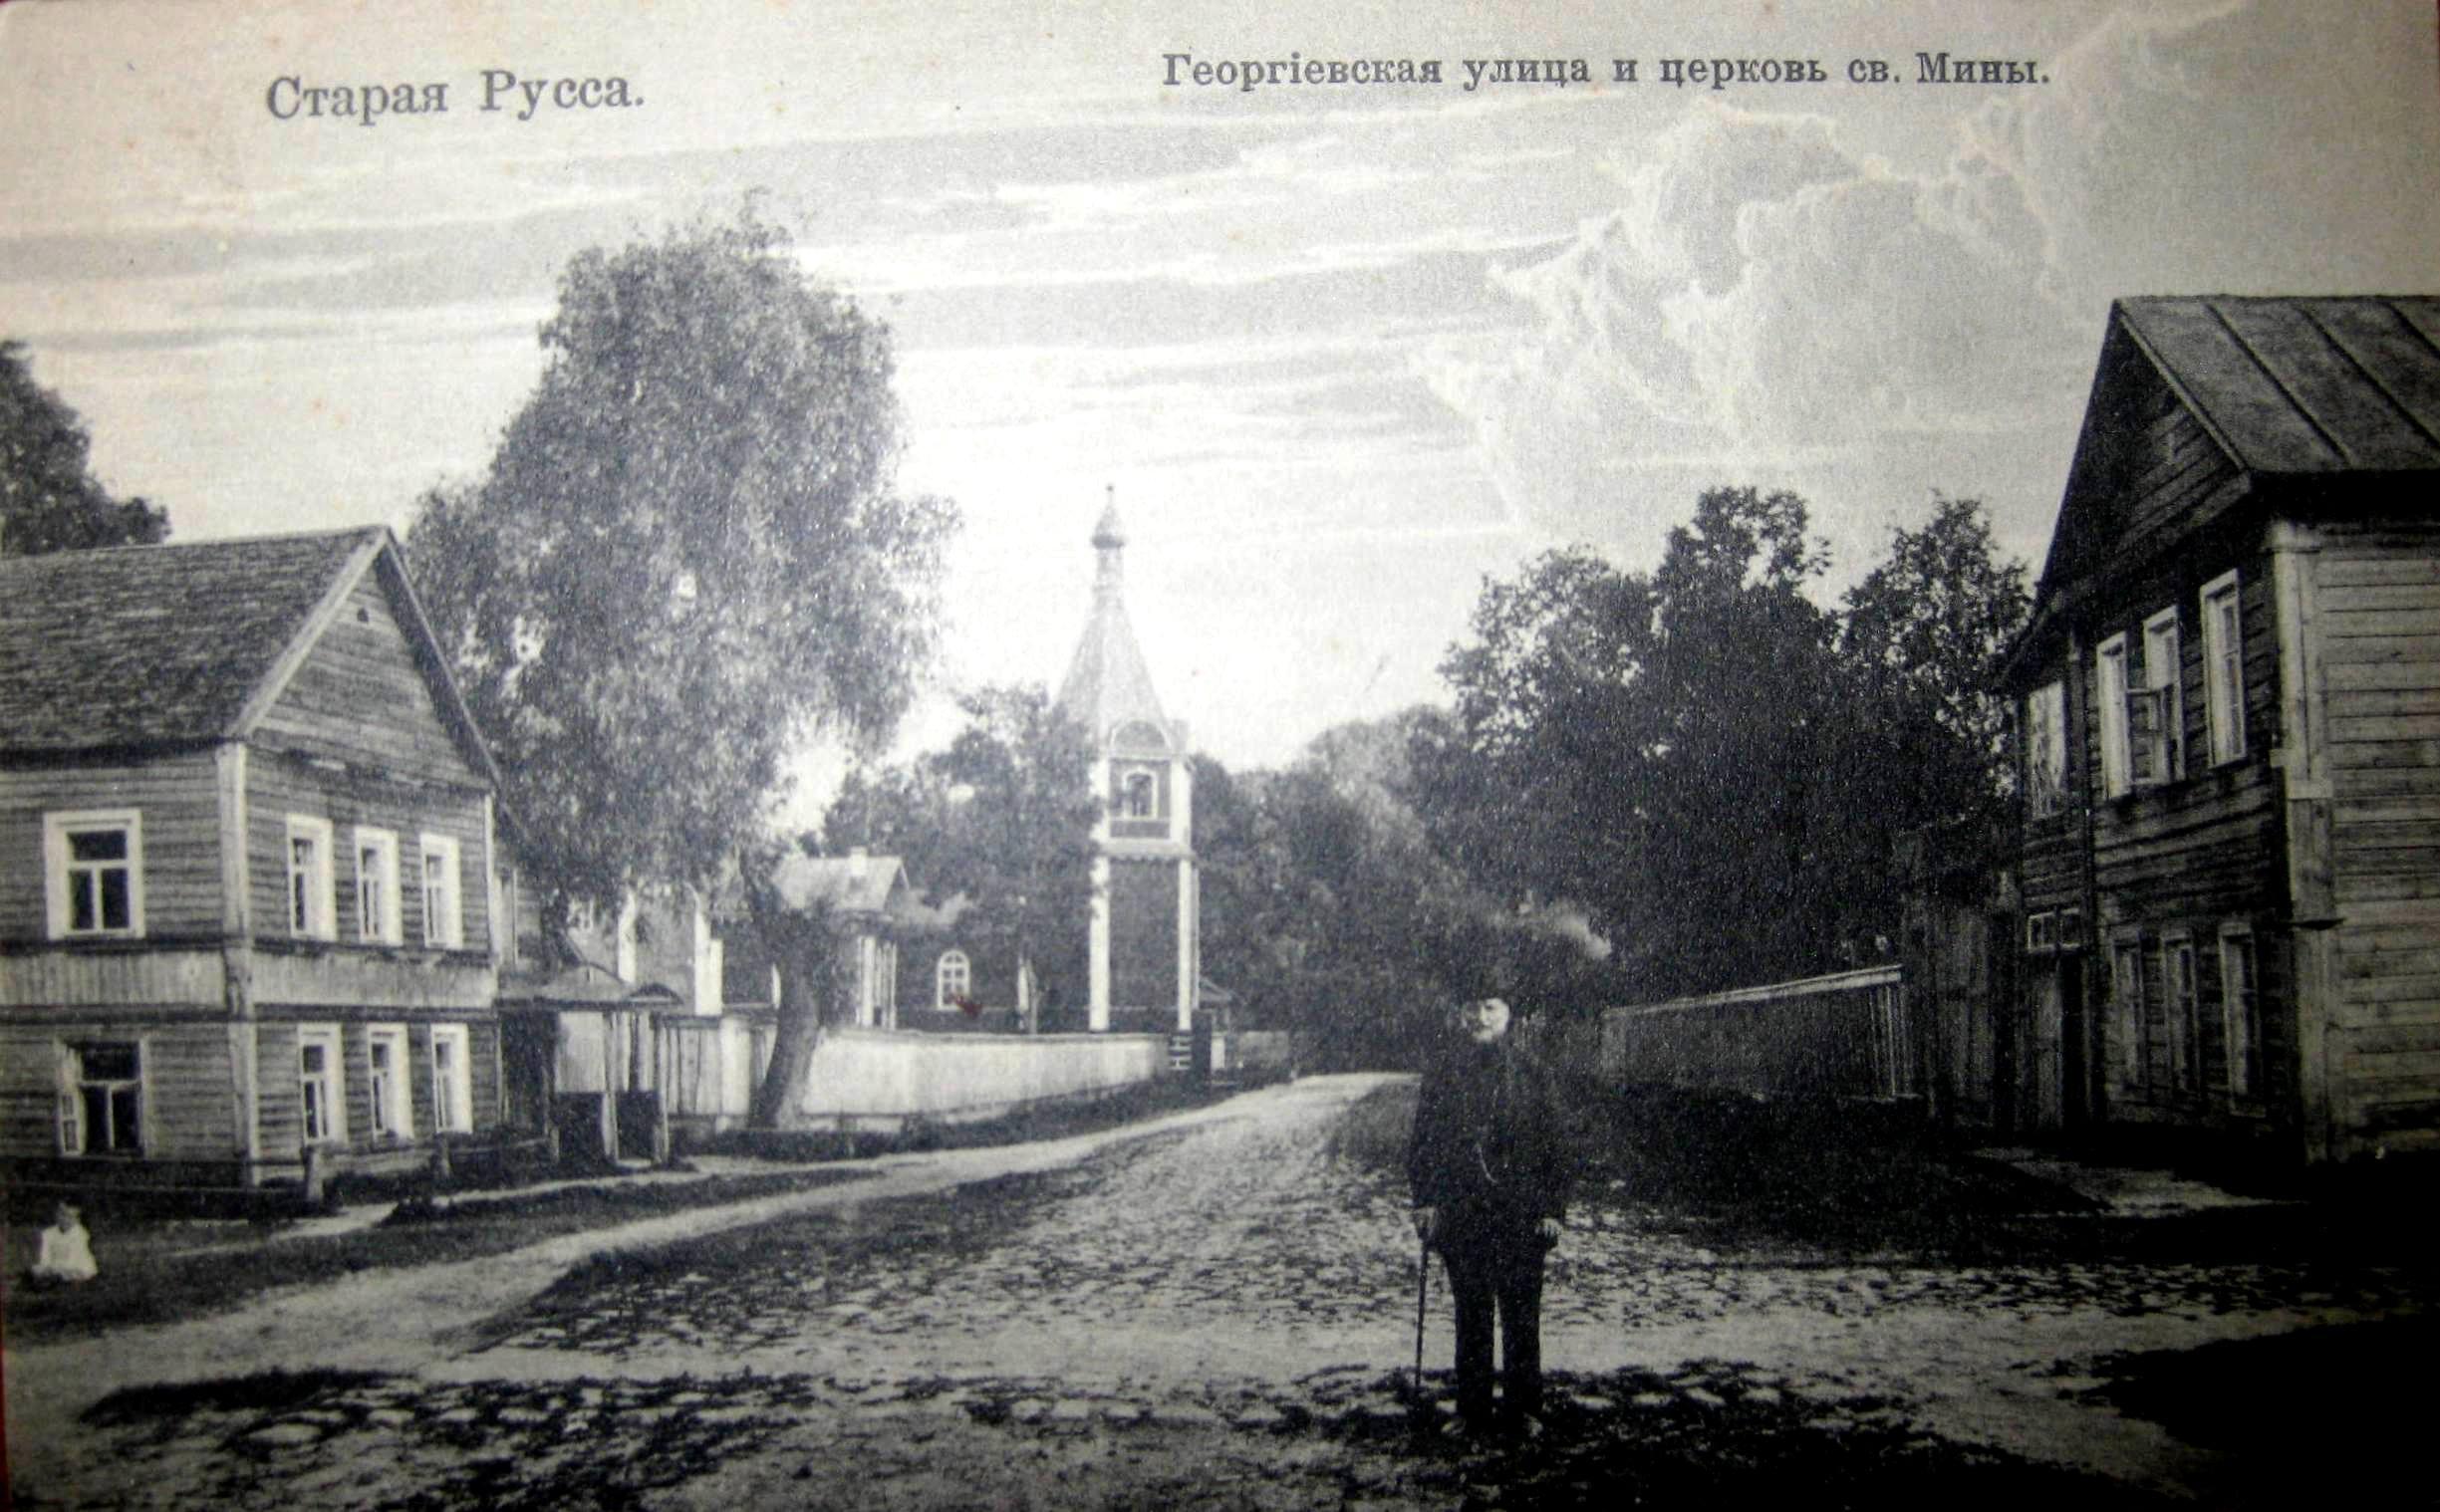 Георгиевская улица и церковь св. Мины